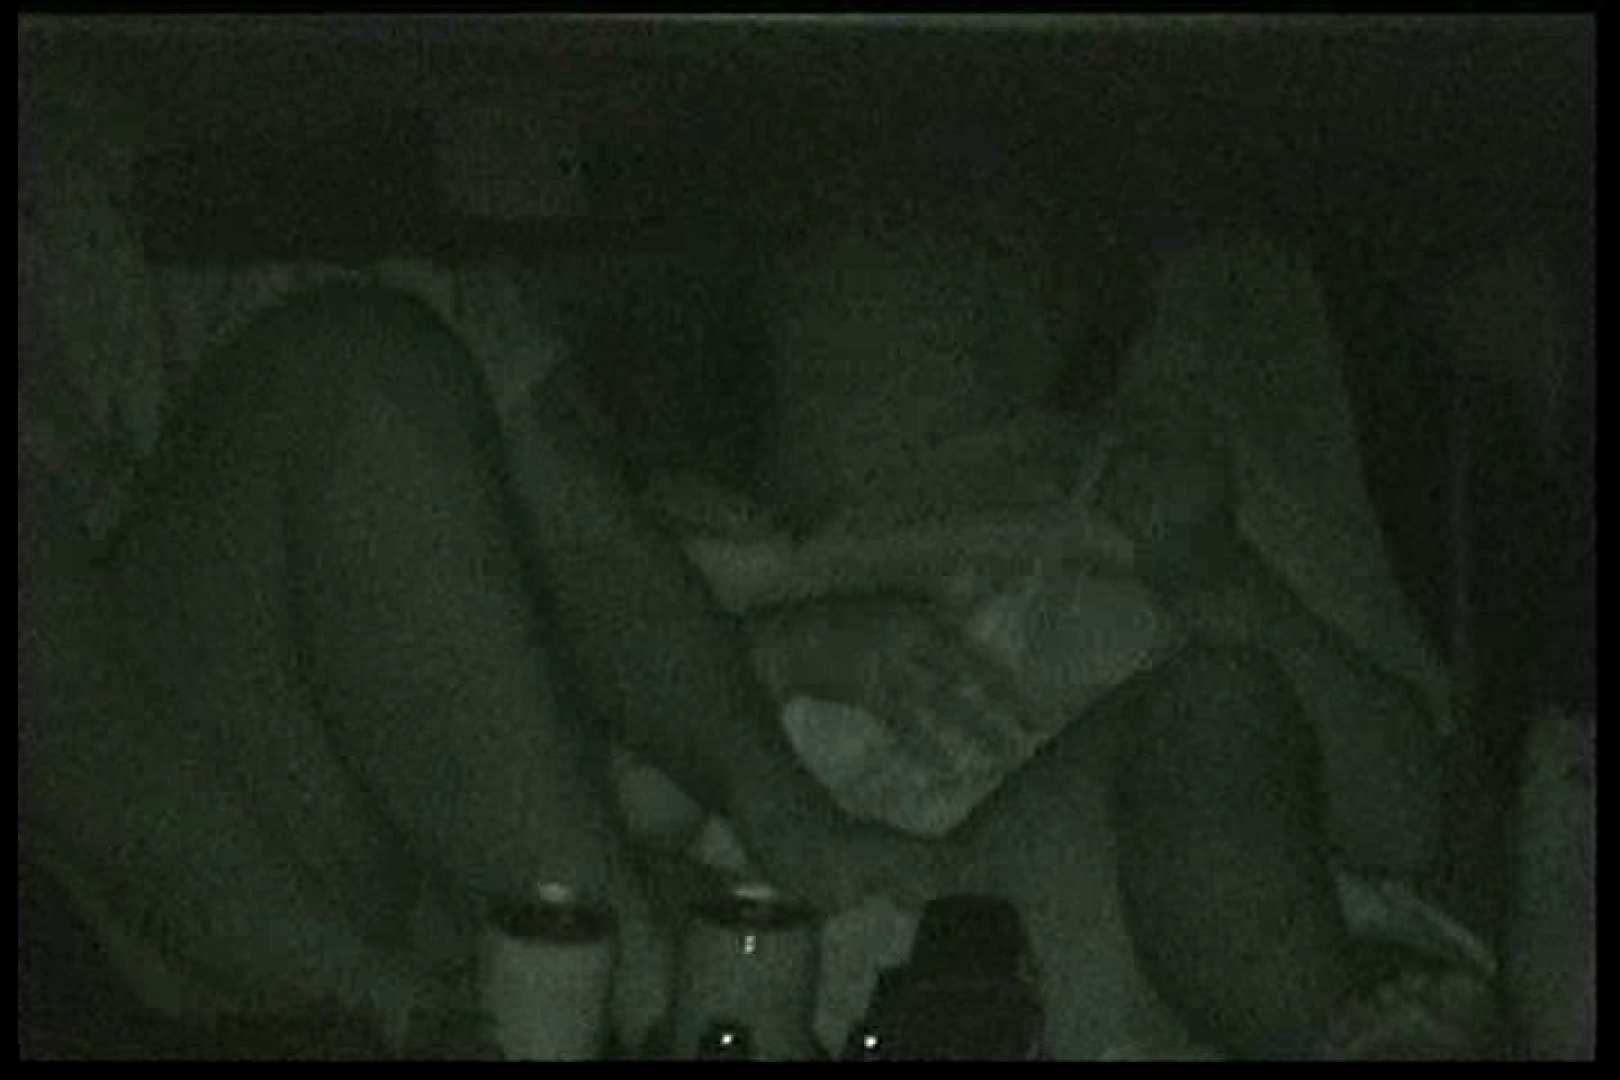 車の中はラブホテル 無修正版  Vol.13 無修正マンコ 隠し撮りオマンコ動画紹介 65PIX 56